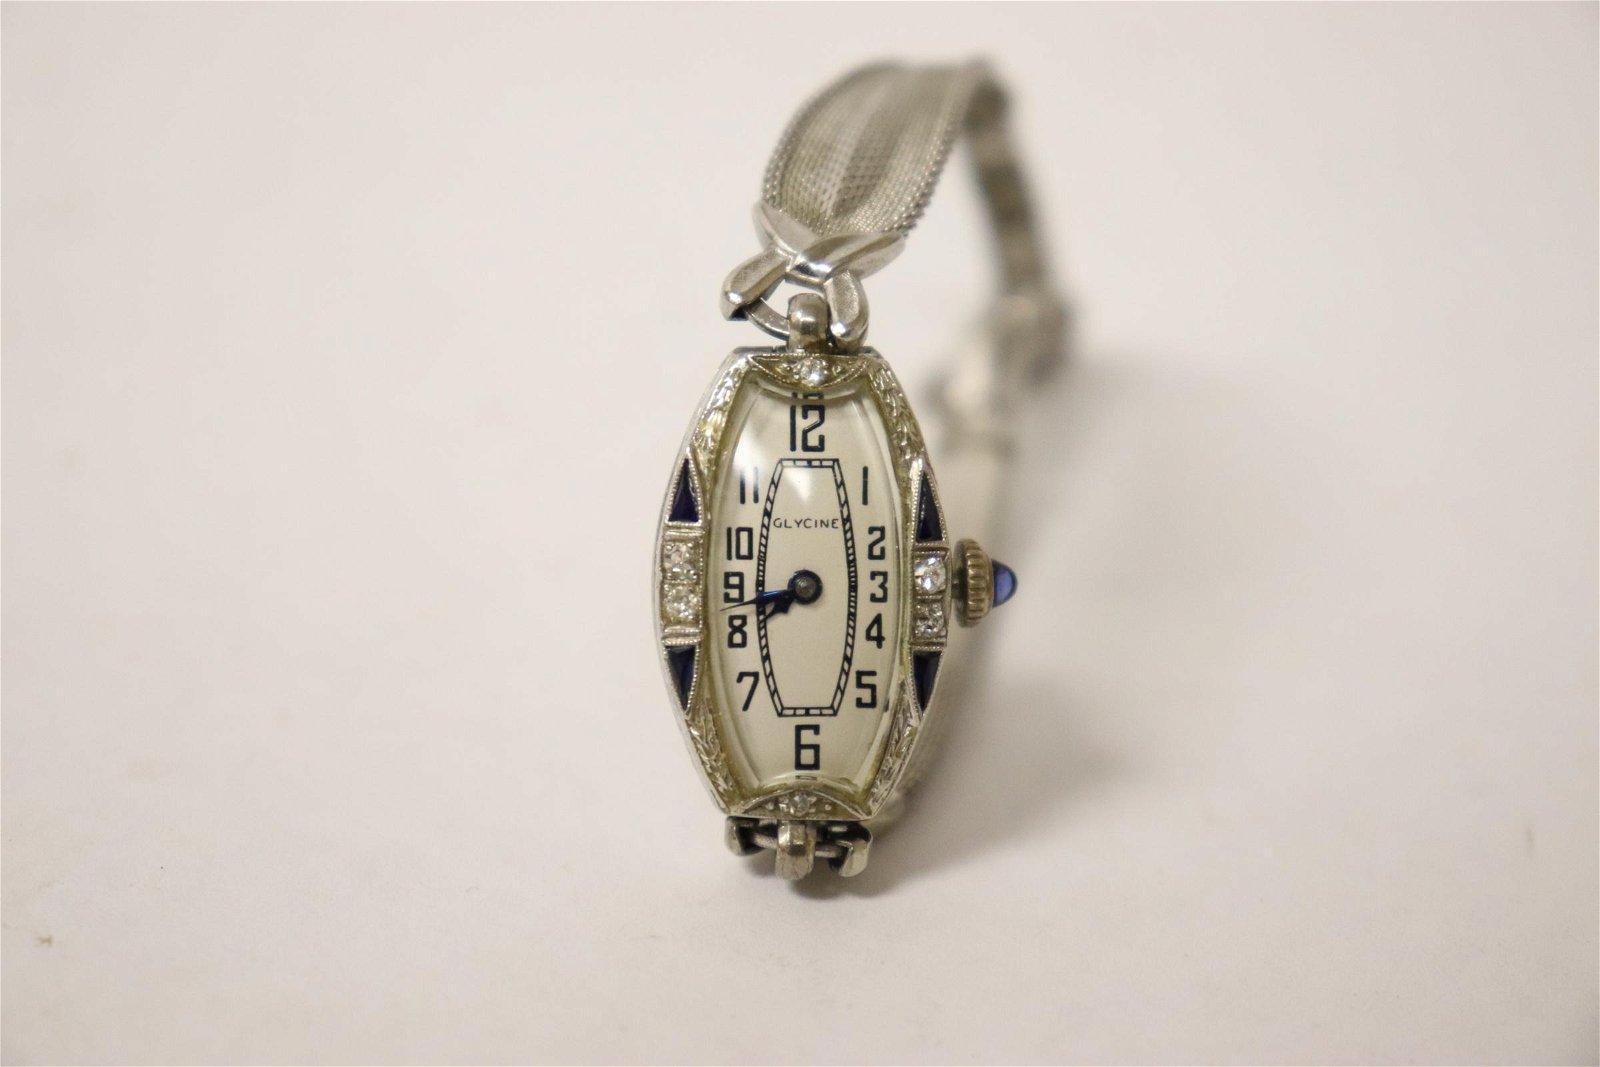 18K wrist watch by Glycine w/ diamond & blue stones